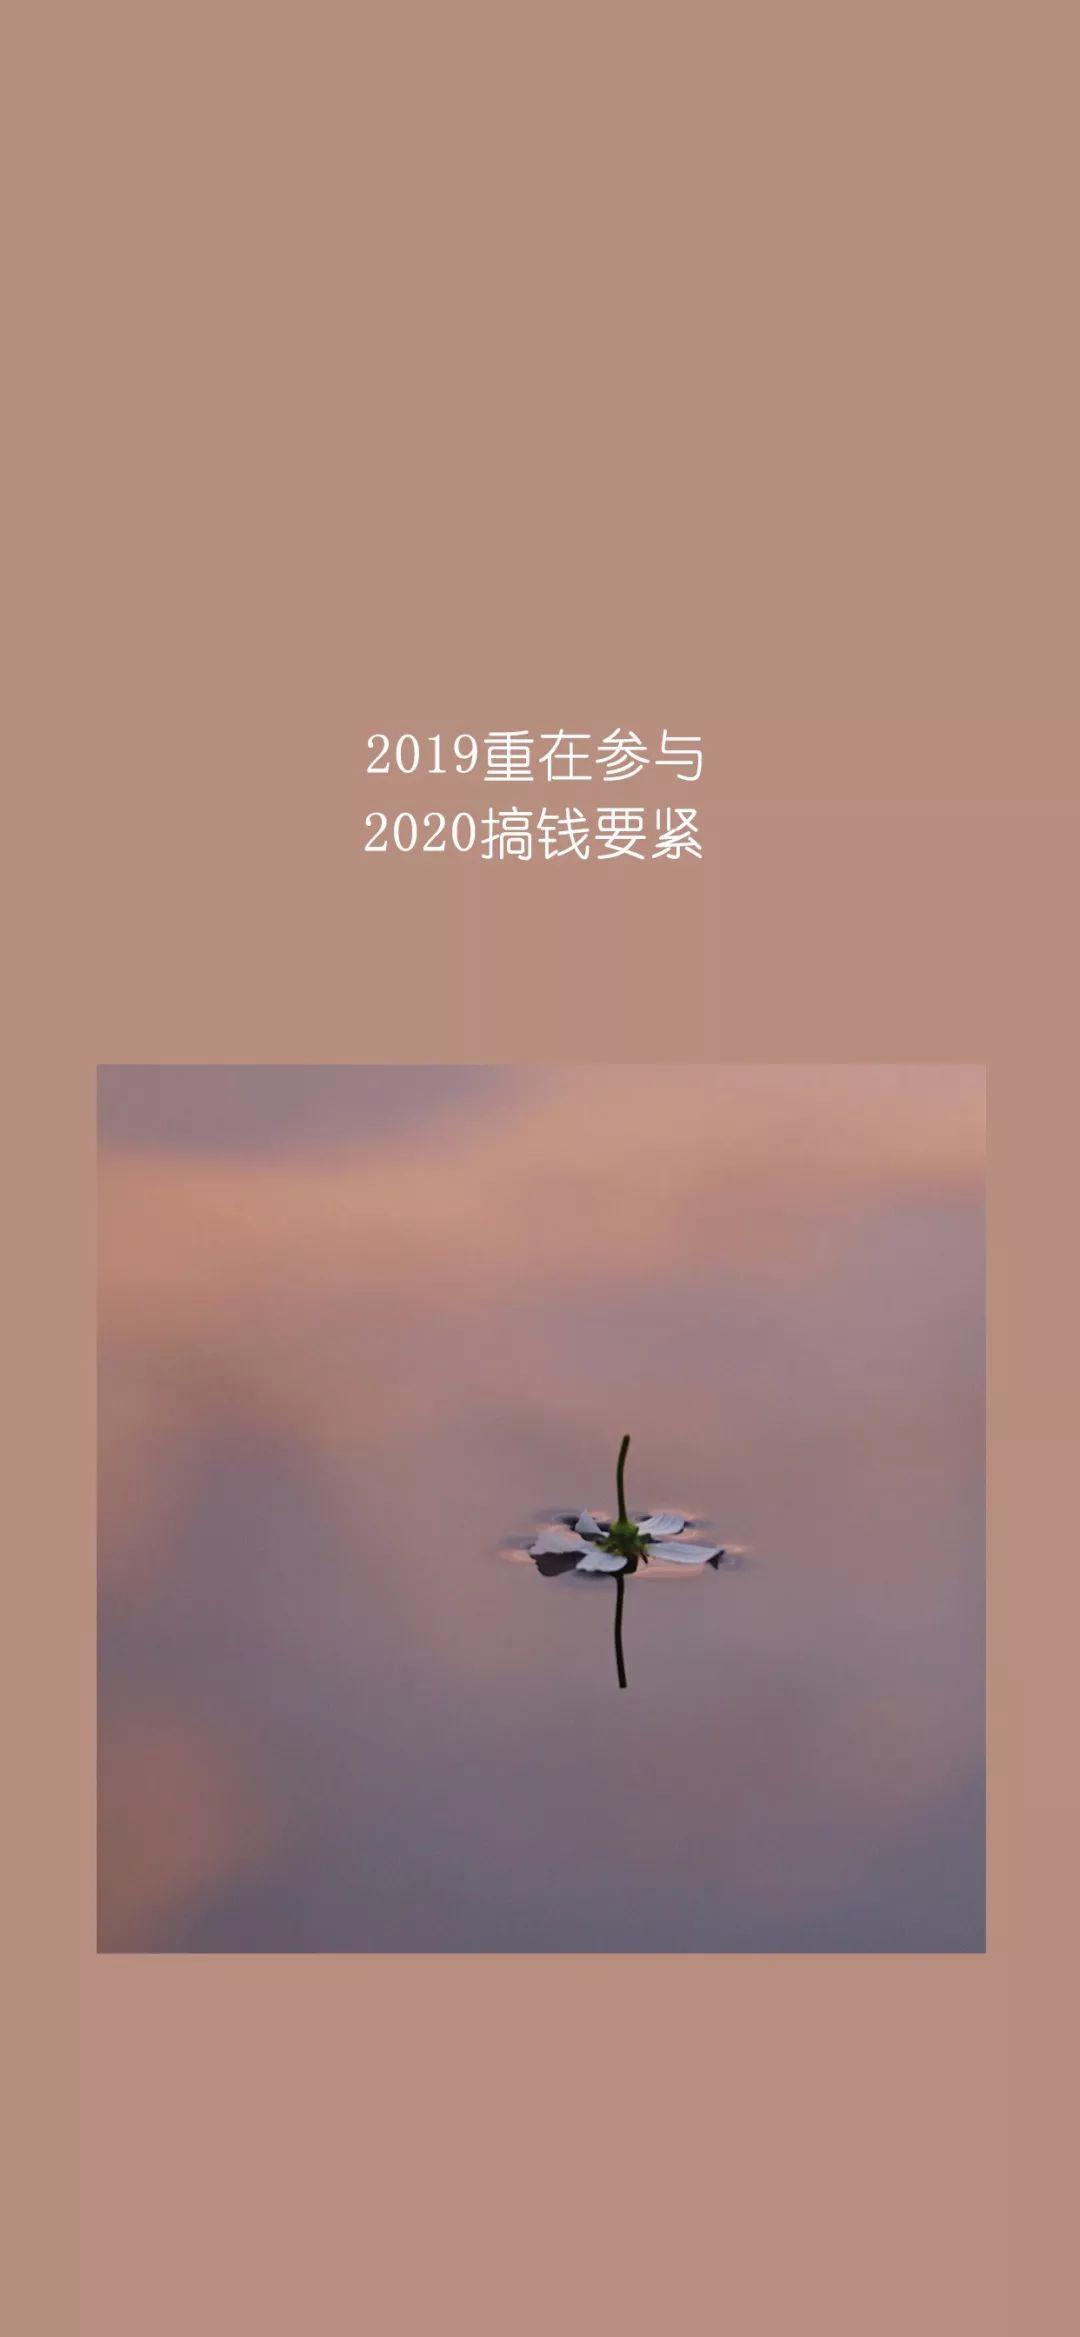 王一博跨年演唱会照片